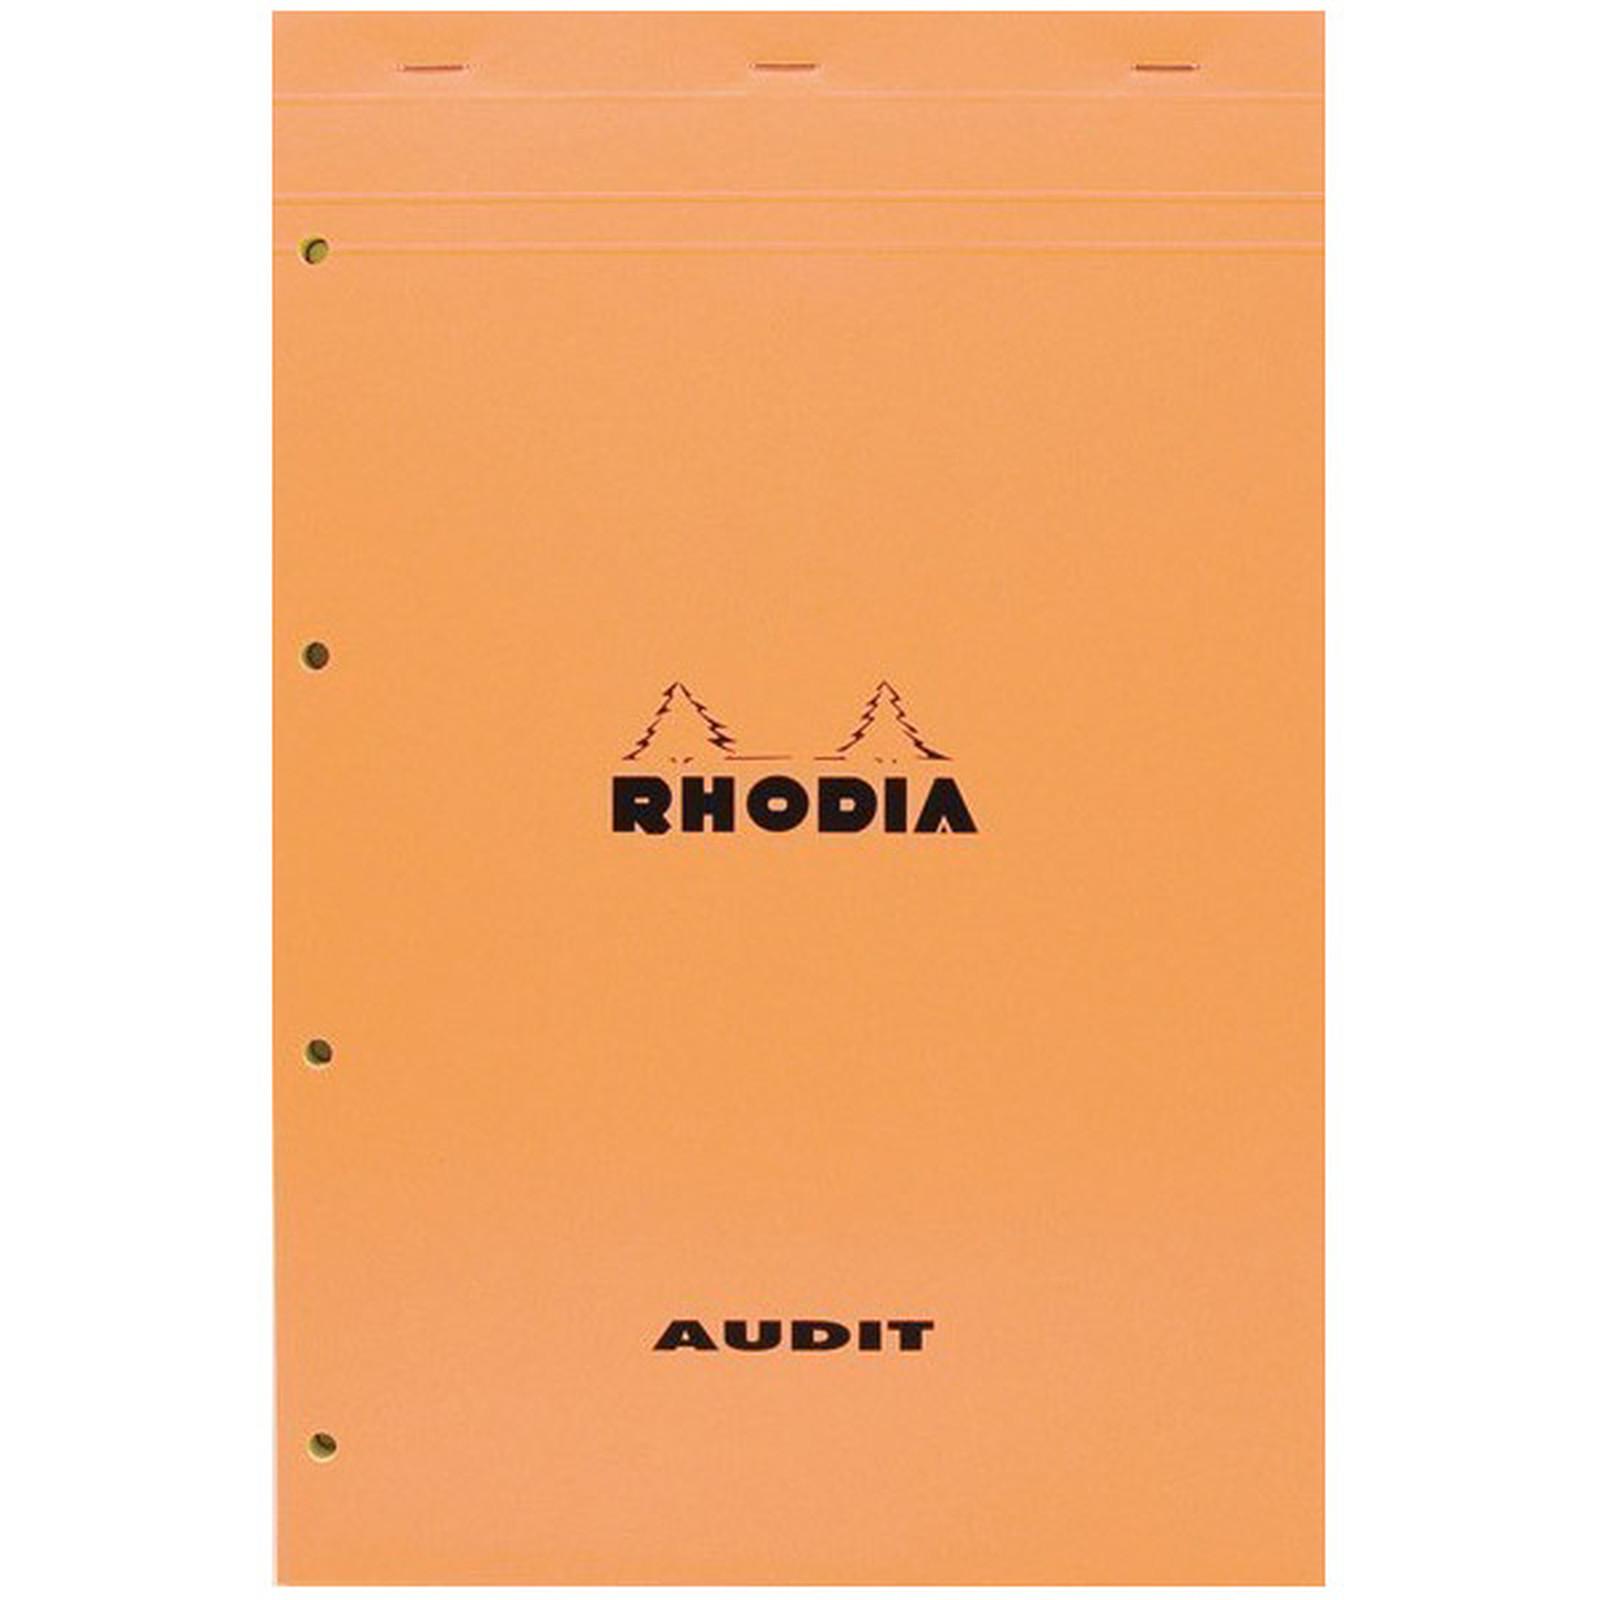 Rhodia Bloc quadrillé 5 x 5 80 feuillets micro-perforés détachables